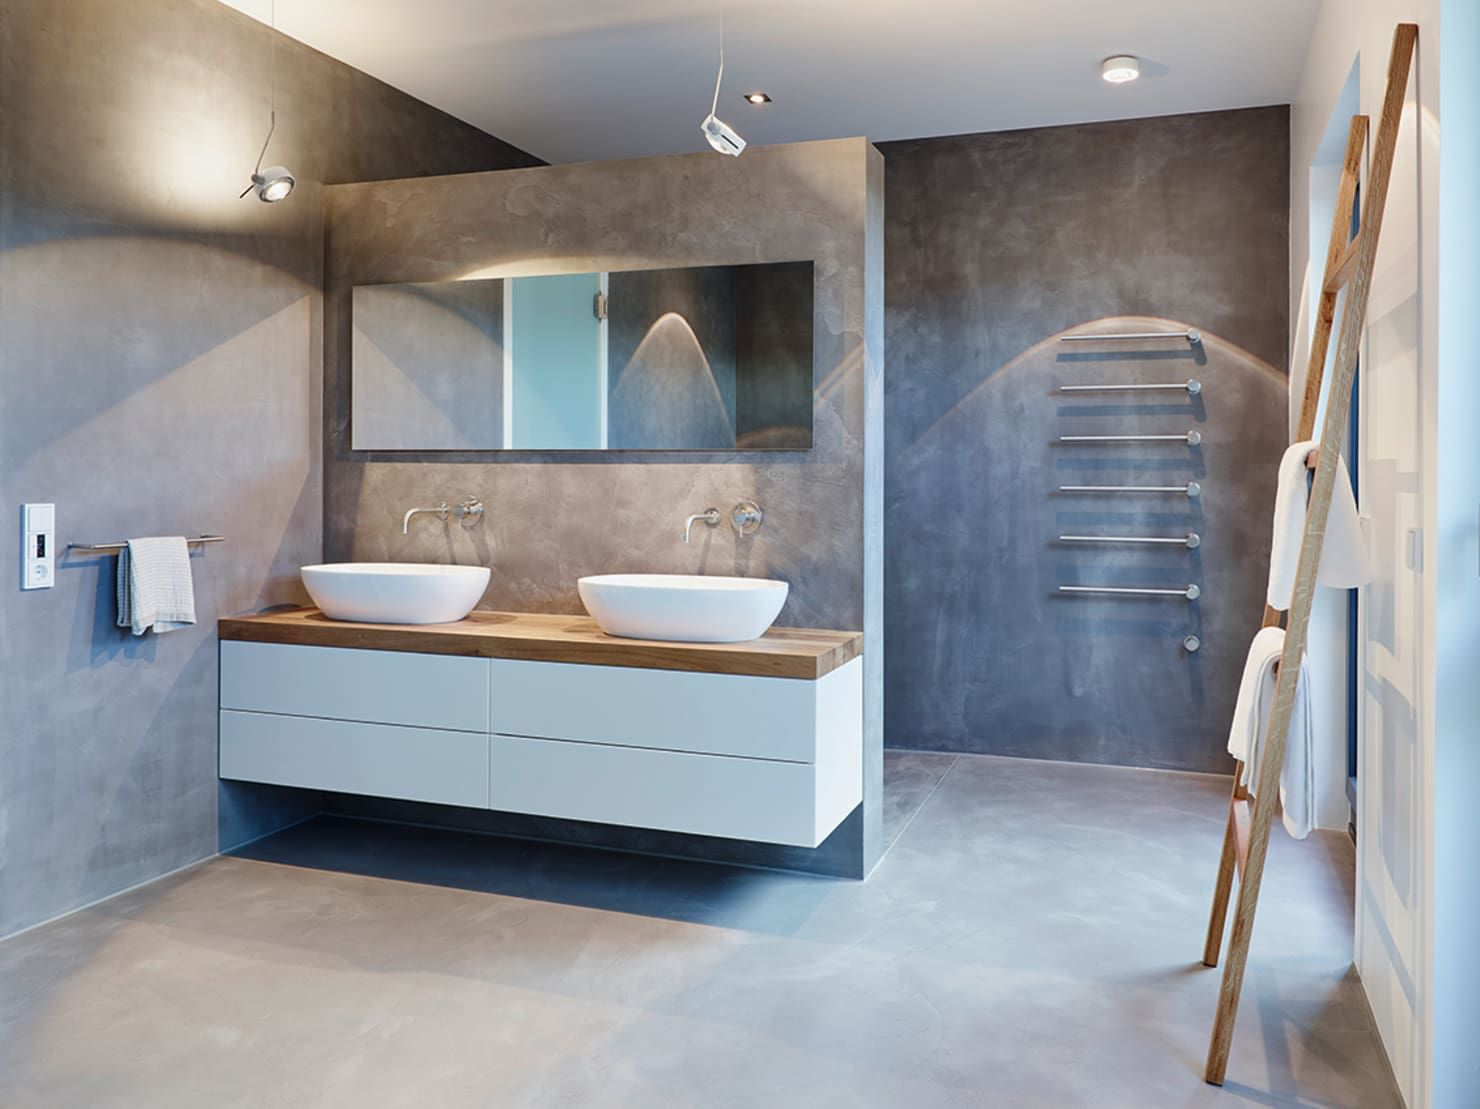 Toilet Beton Cire : Afbeeldingsresultaat voor salle de bain beton cire bathroom